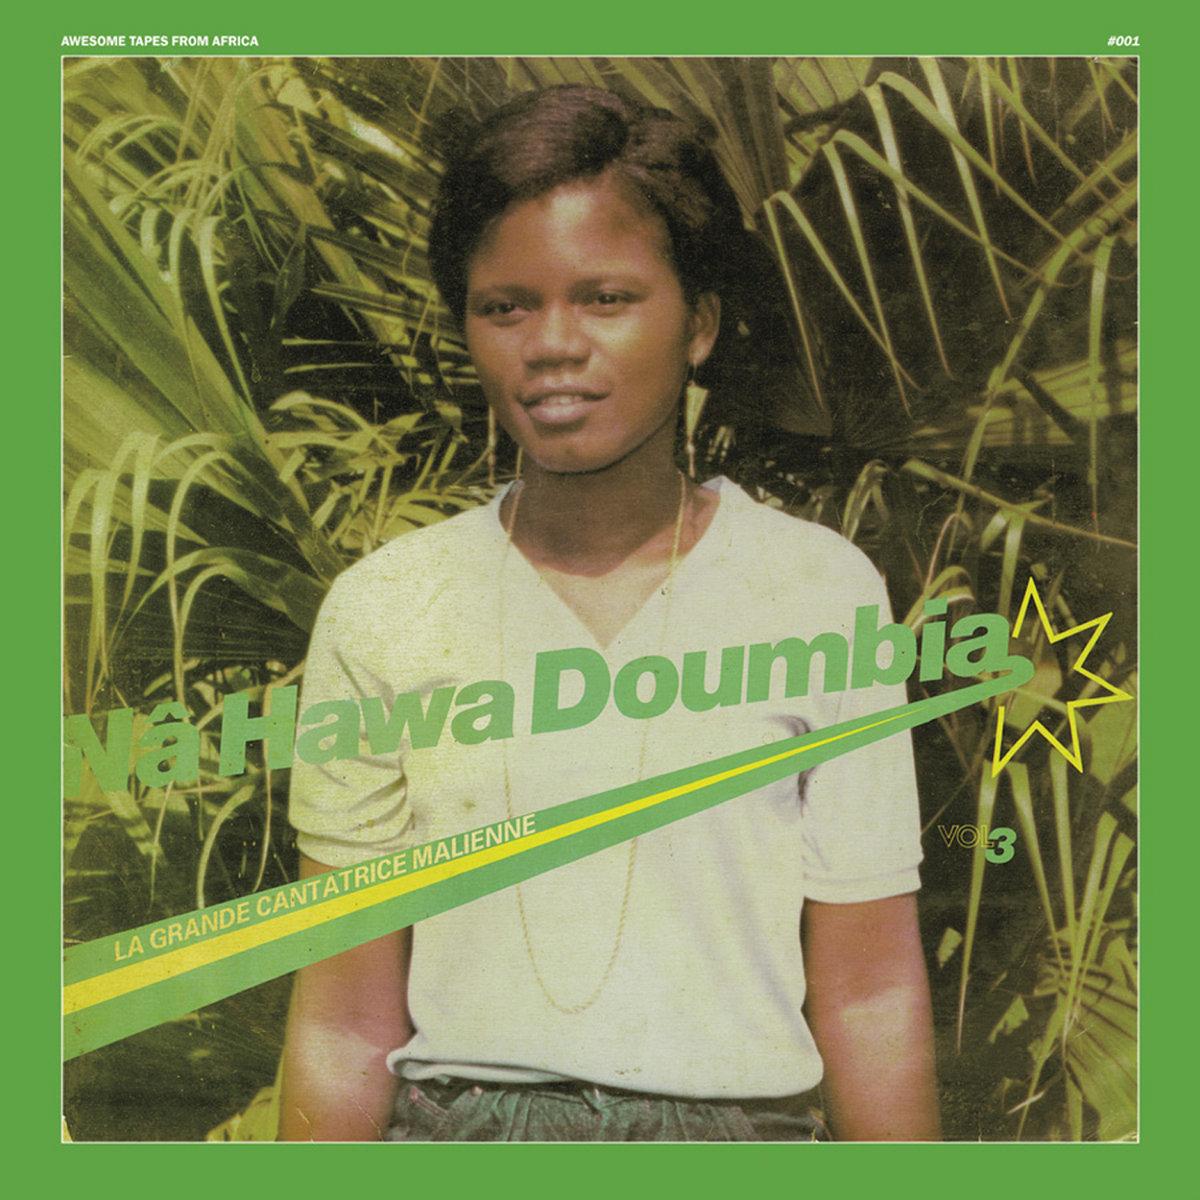 nahawa doumbia mp3 gratuit